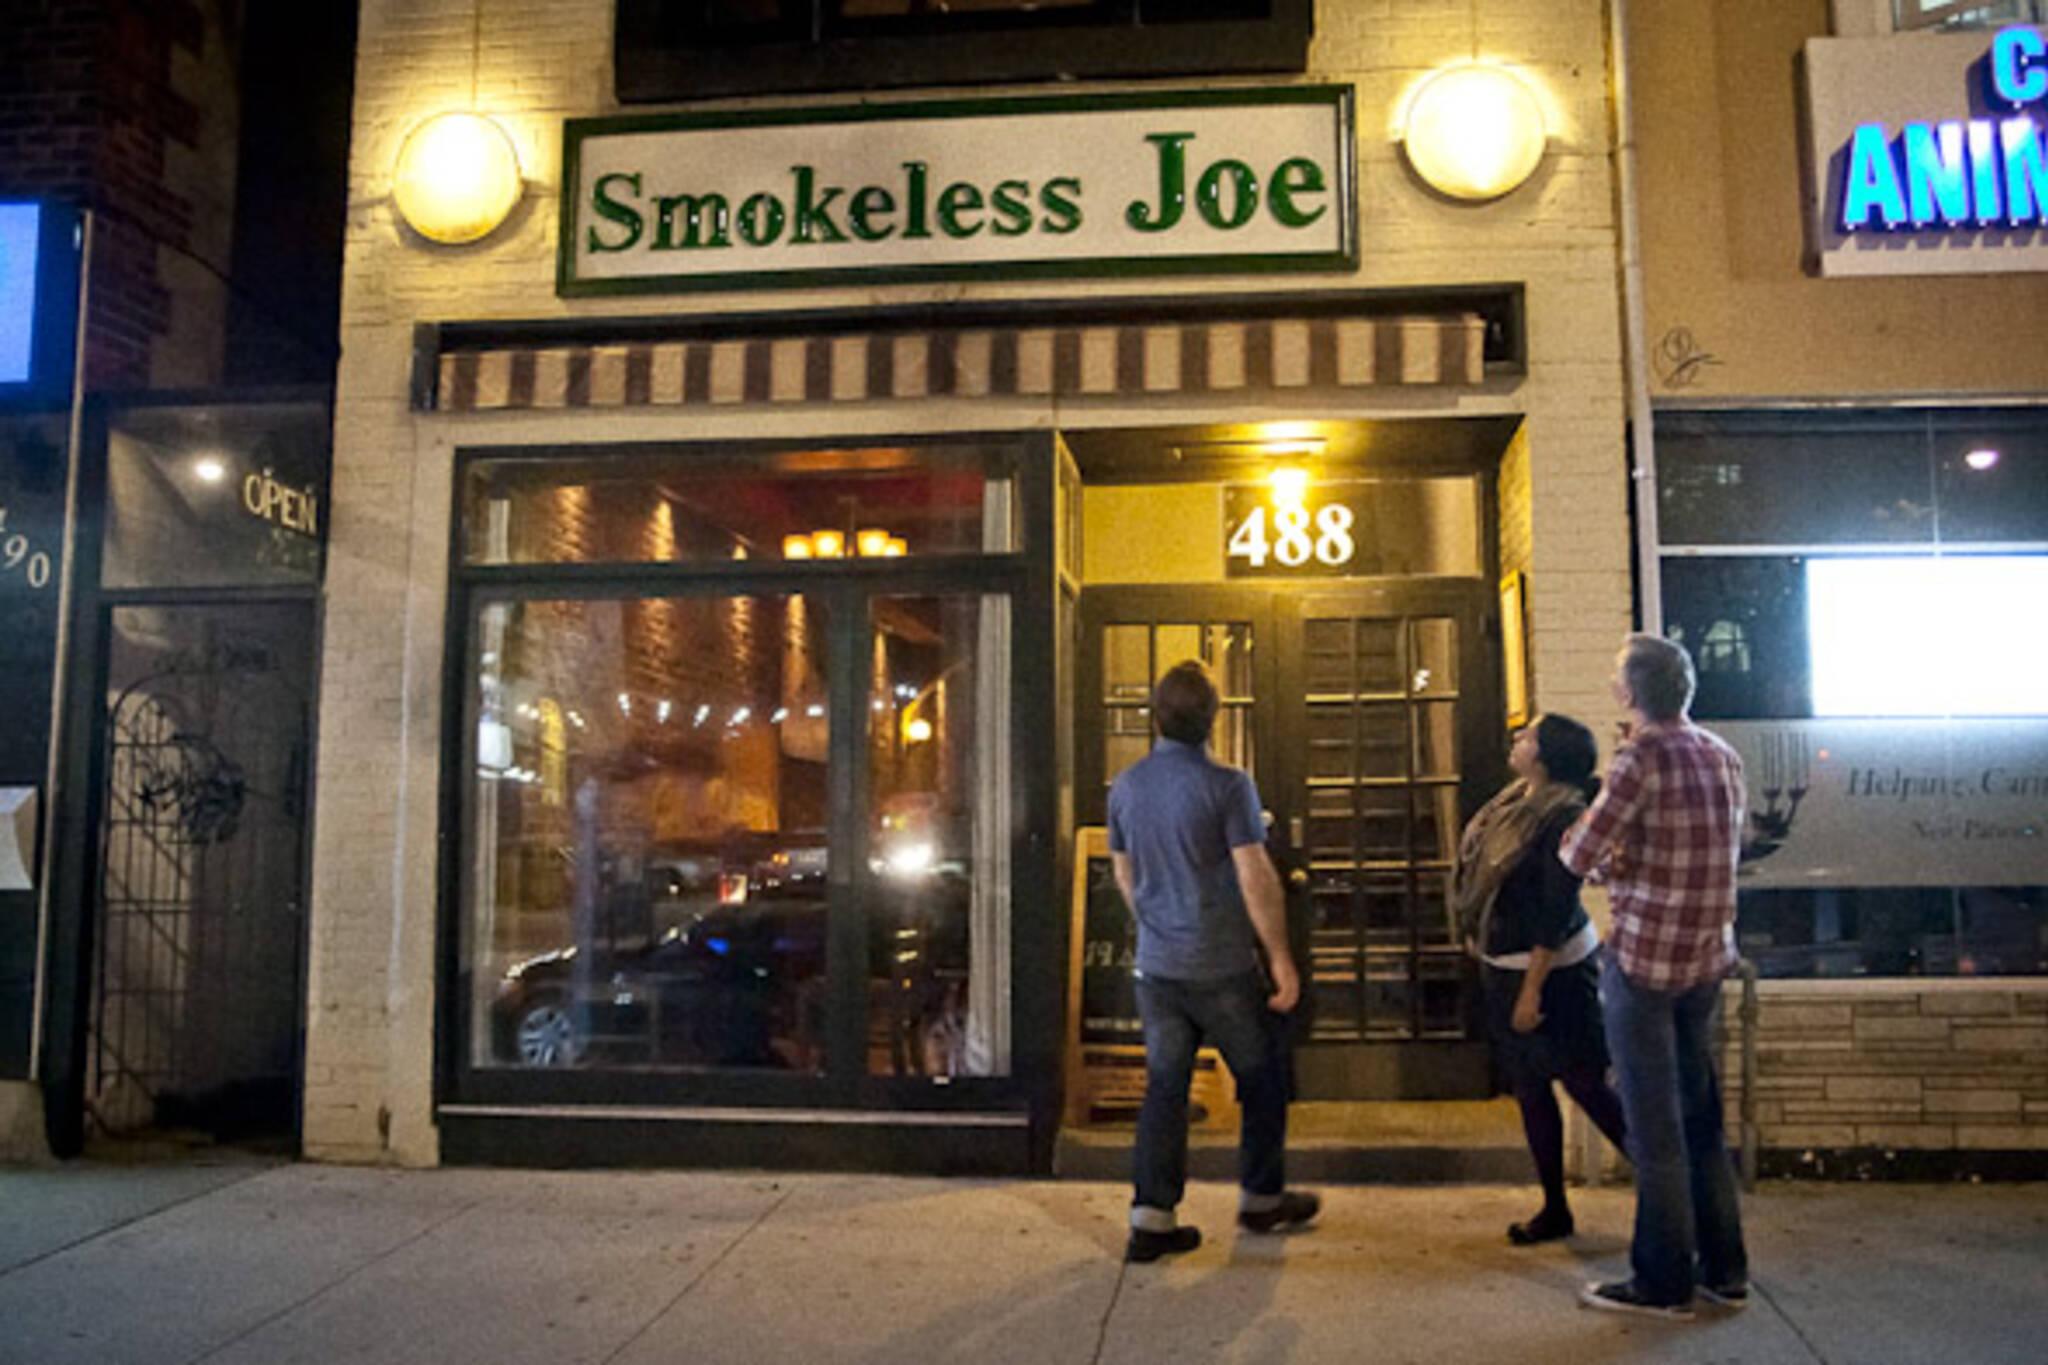 Smokeless Joe Toronto